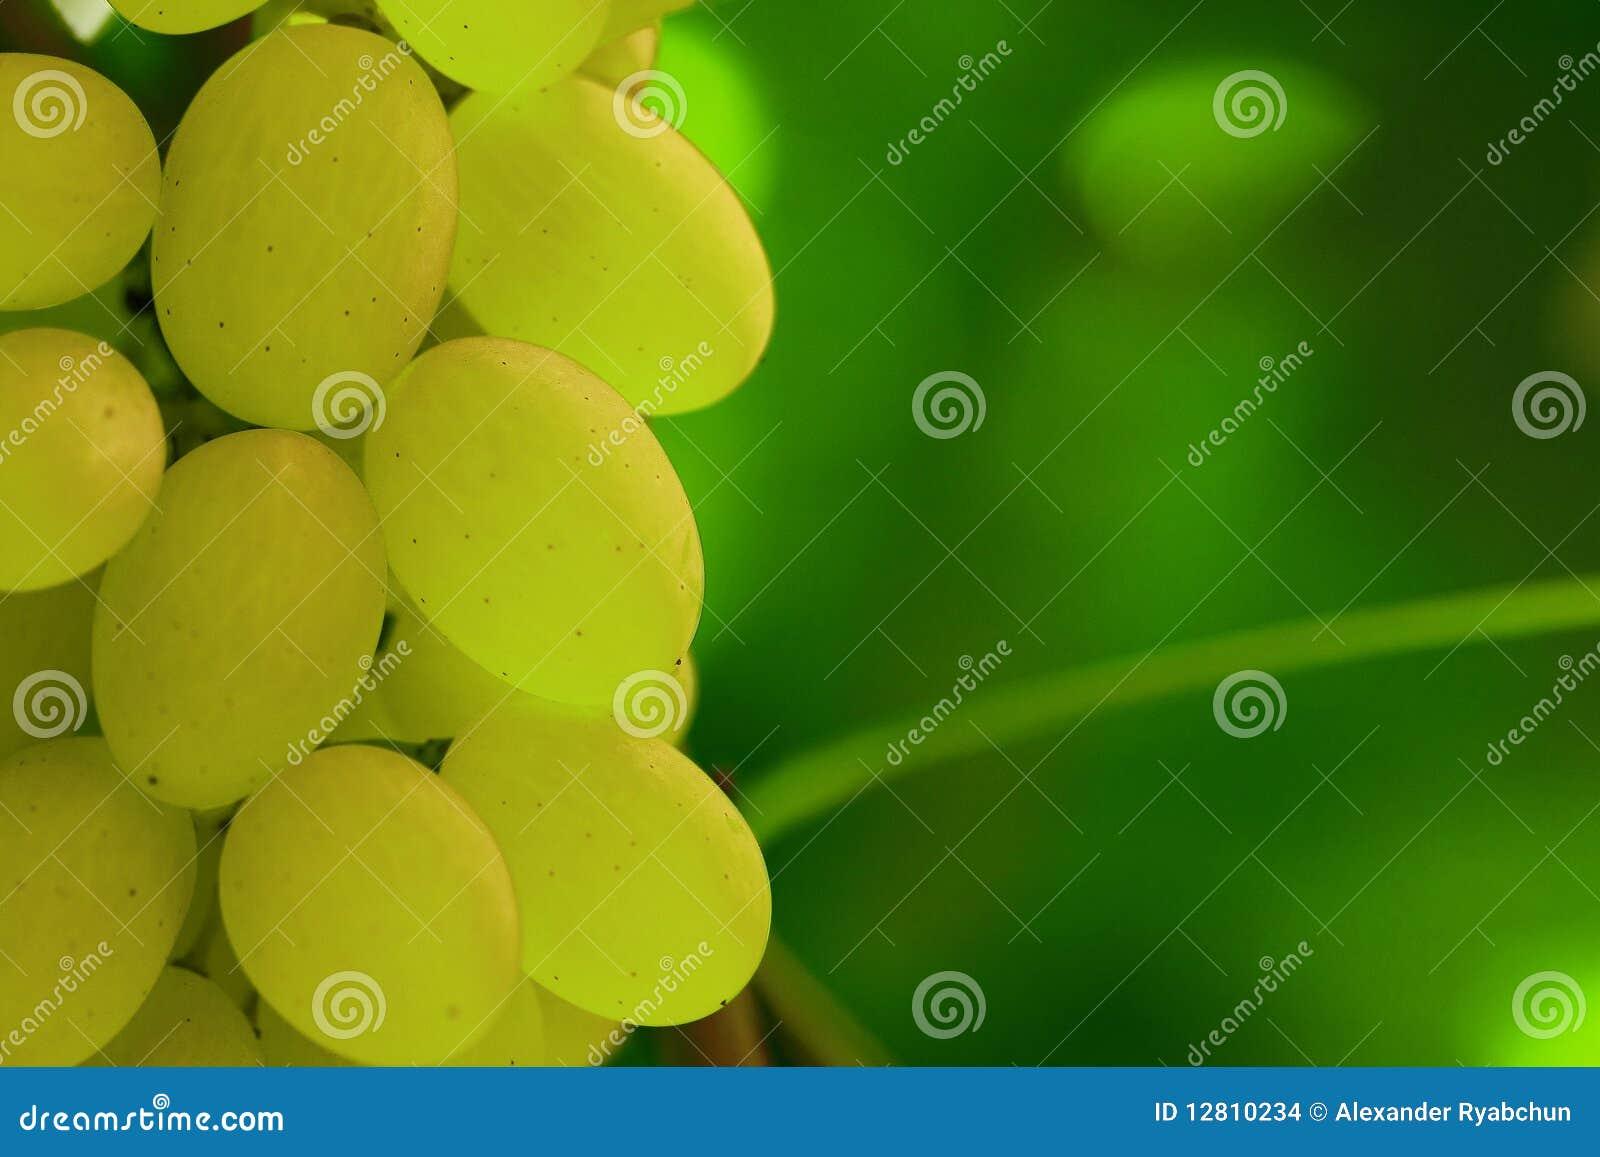 Conjunto verde da uva na videira